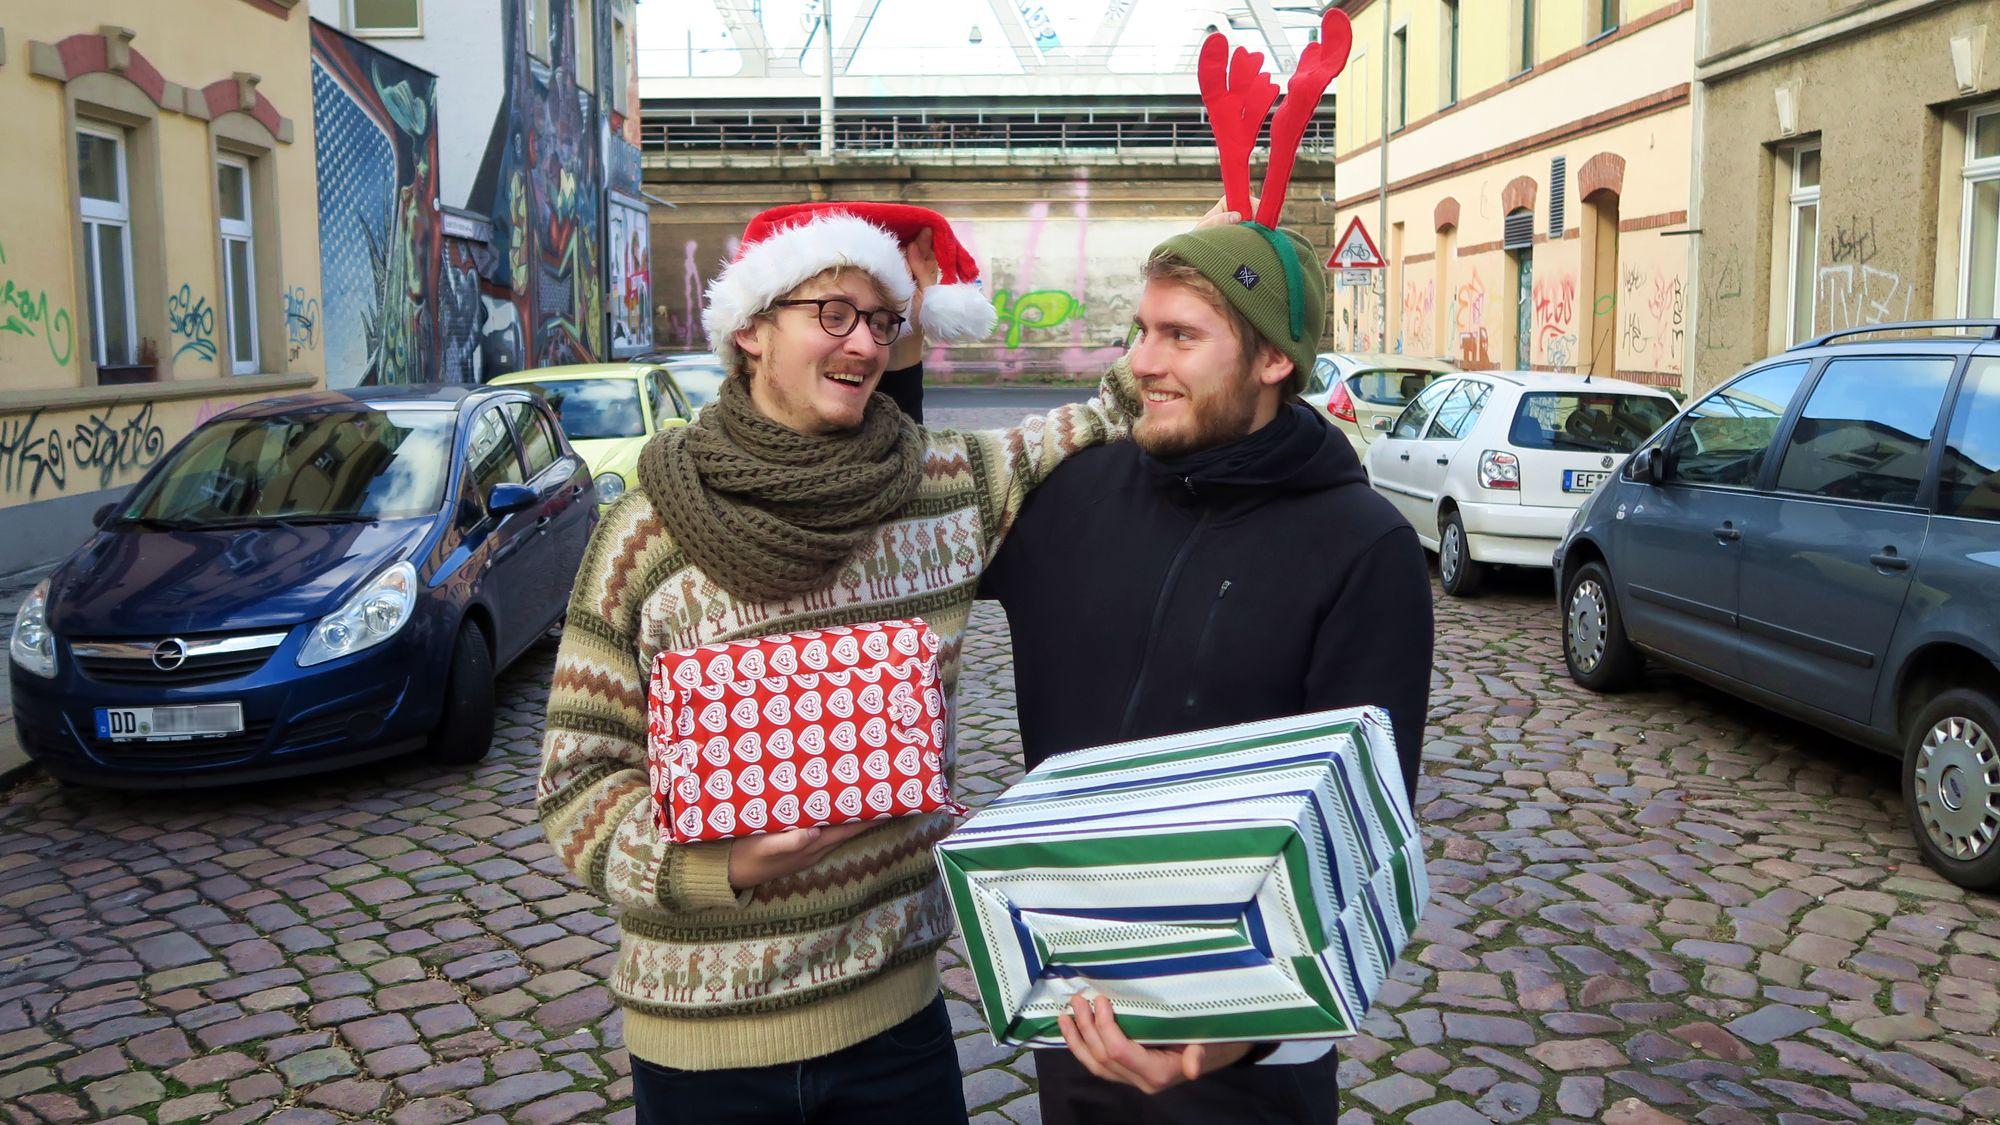 Kinderheim Weihnachtsgeschenke.Weihnachtsgeschenke Für Heimkinder Neustadt Geflüster